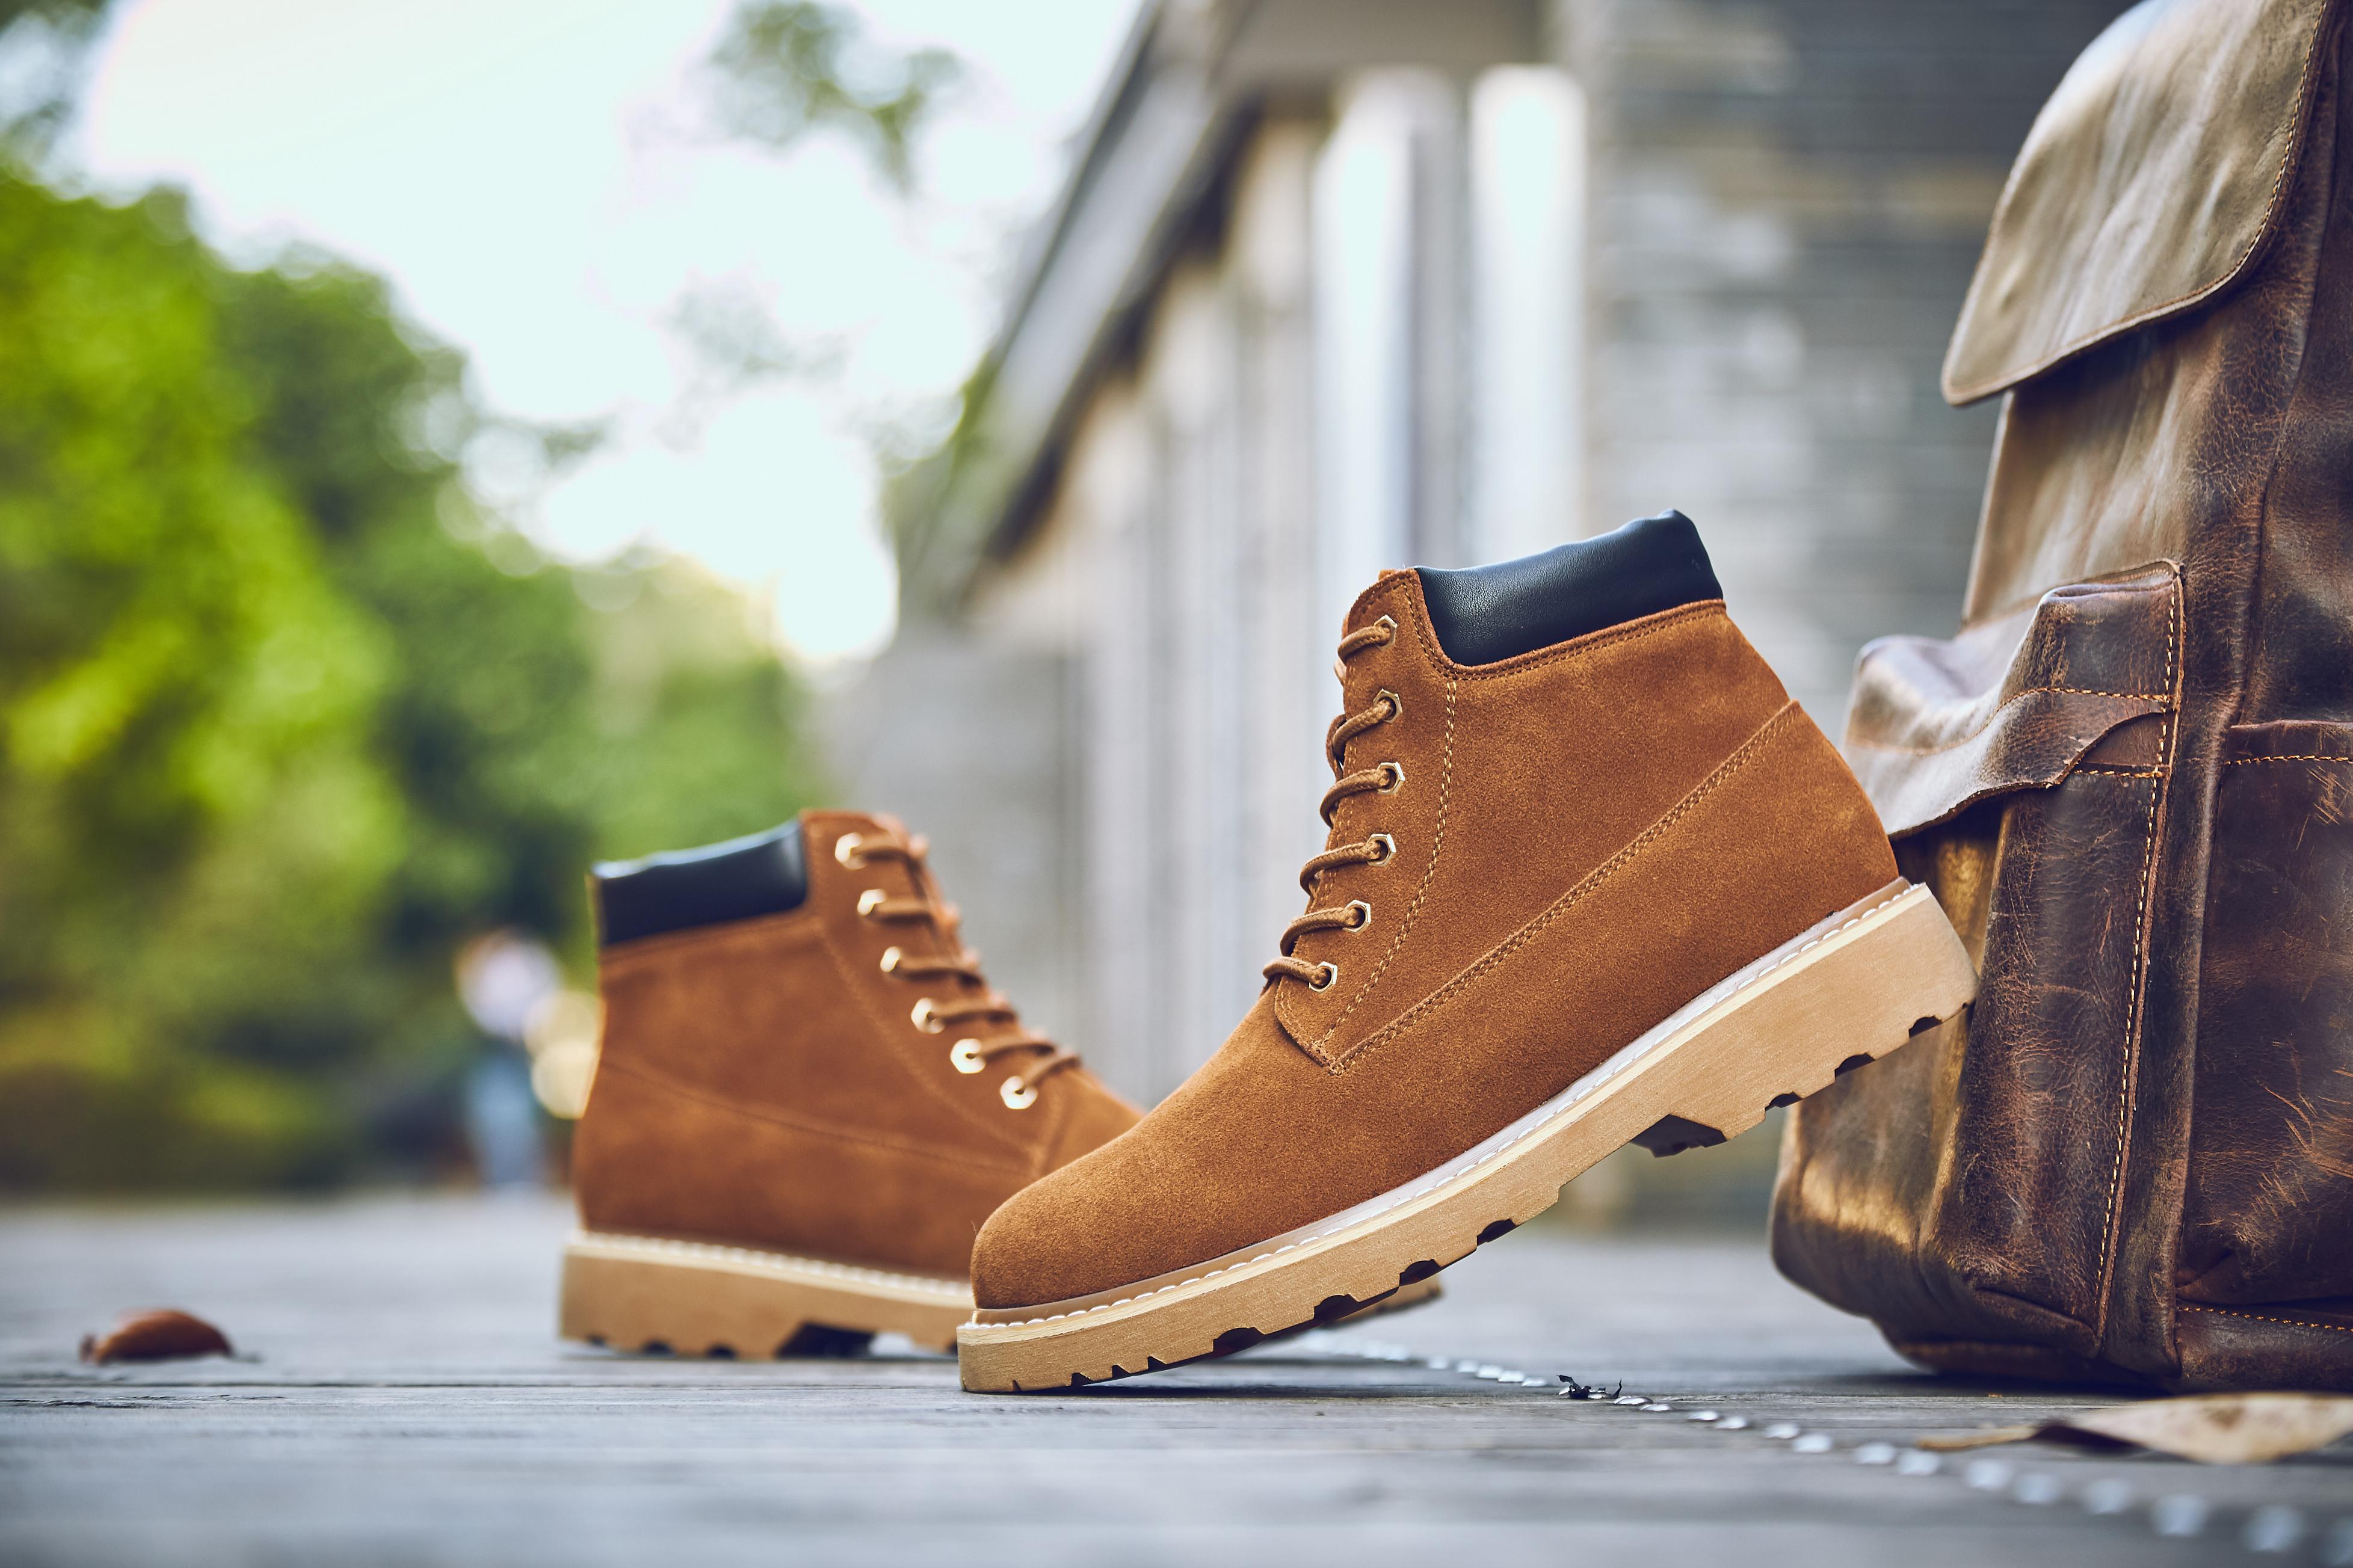 新款男士马丁靴批发市场 男士靴子批发短靴新款厂家出货